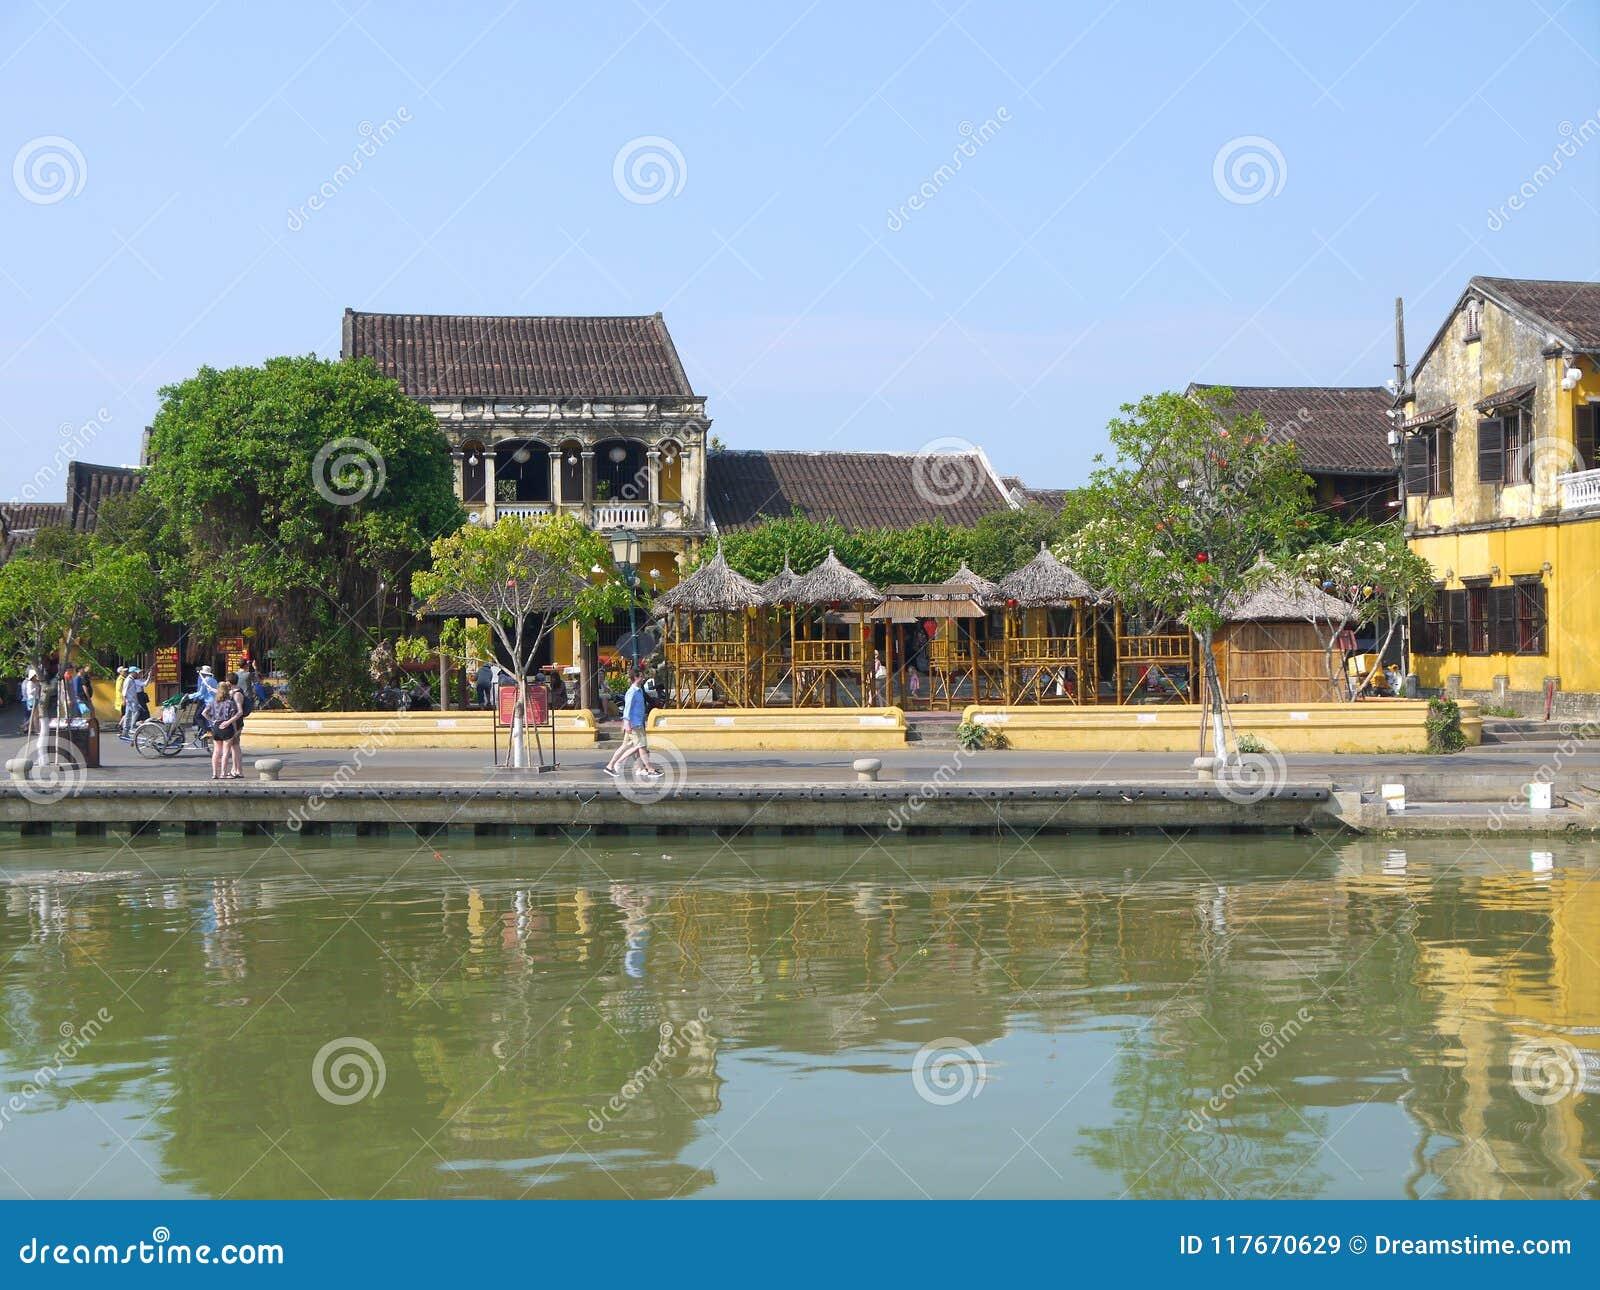 Gente locale, barche, case gialle dal fiume e turisti nella città antica di Hoi An